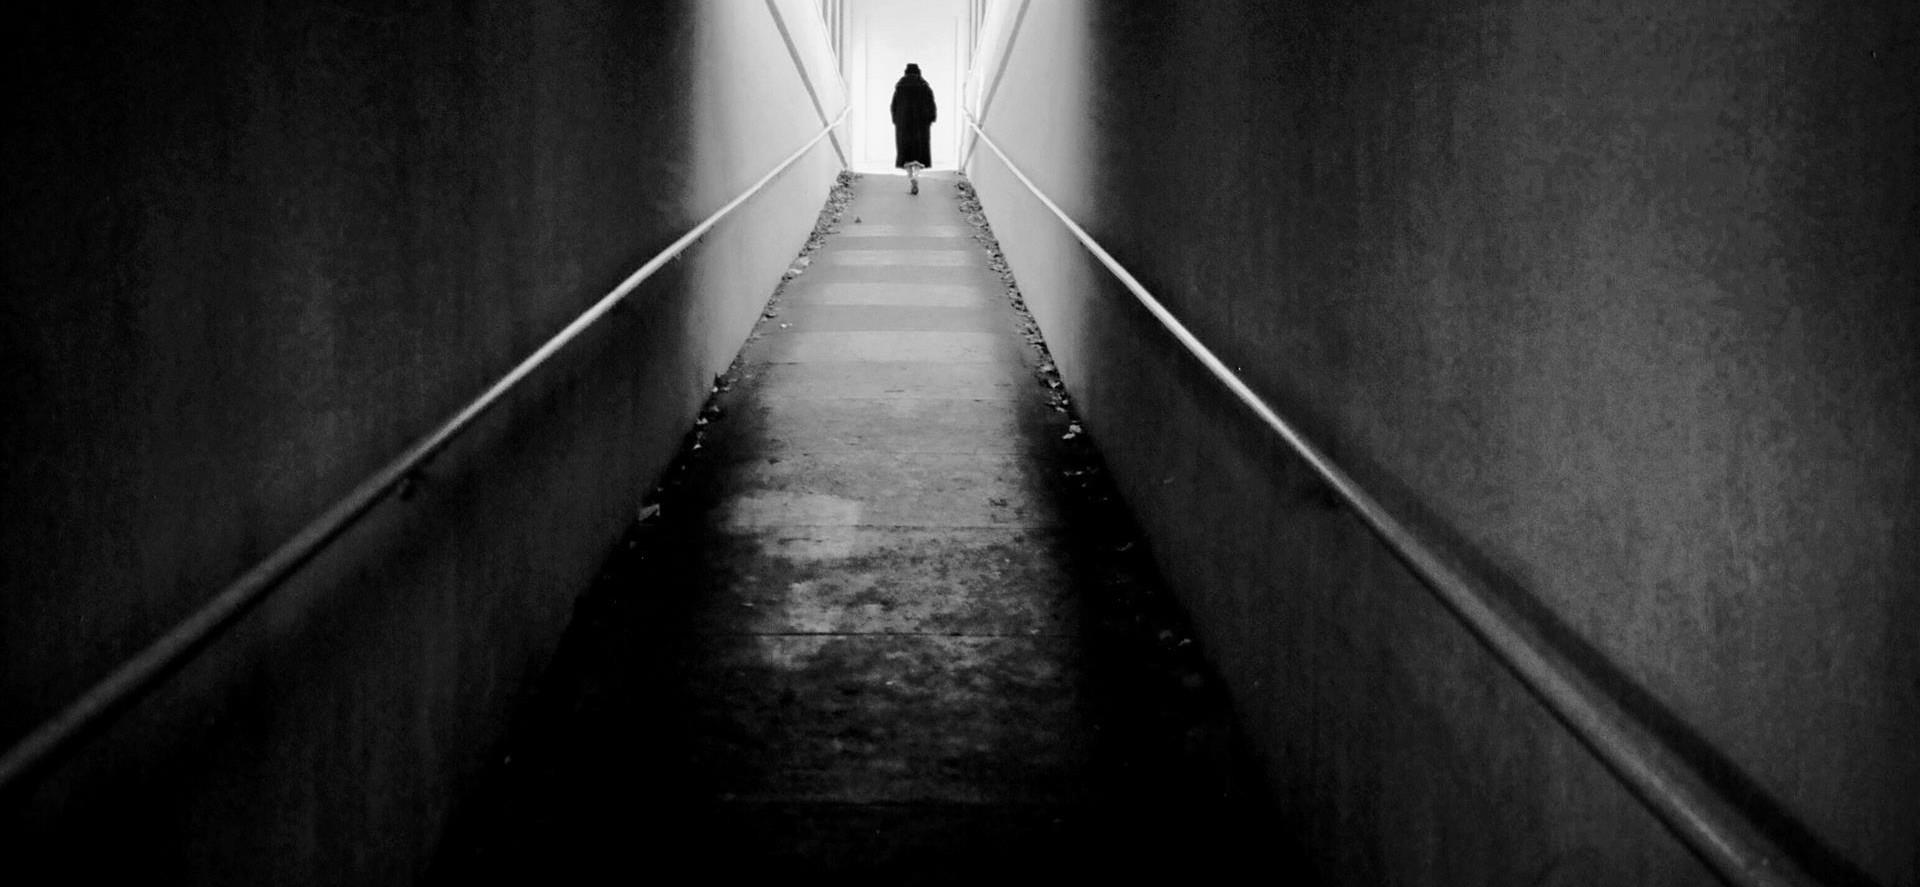 On St Anthonys Way by Nicholas Maffei